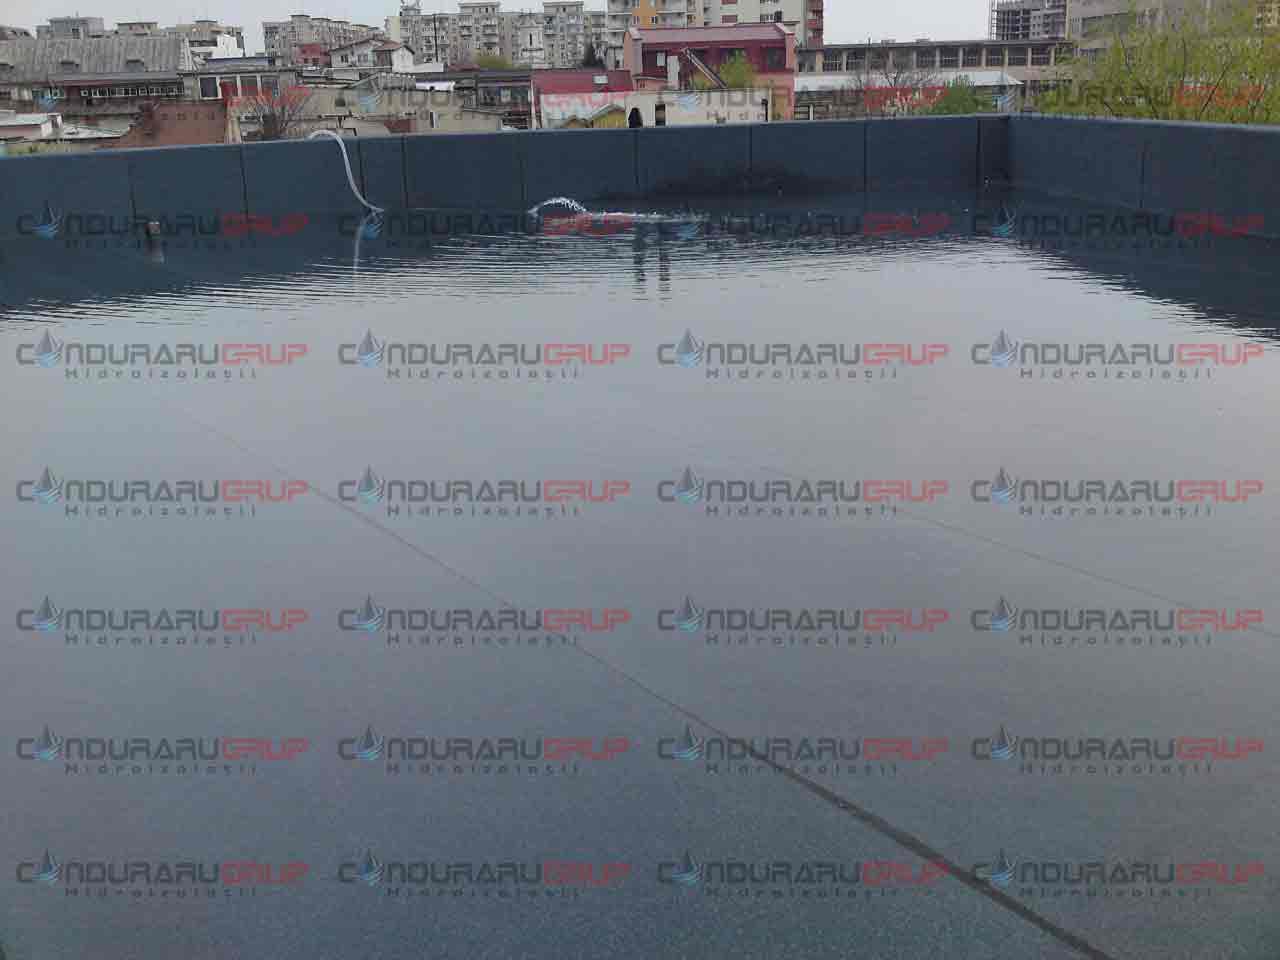 Constructii civile P+1 CONDURARU GRUP - Poza 13